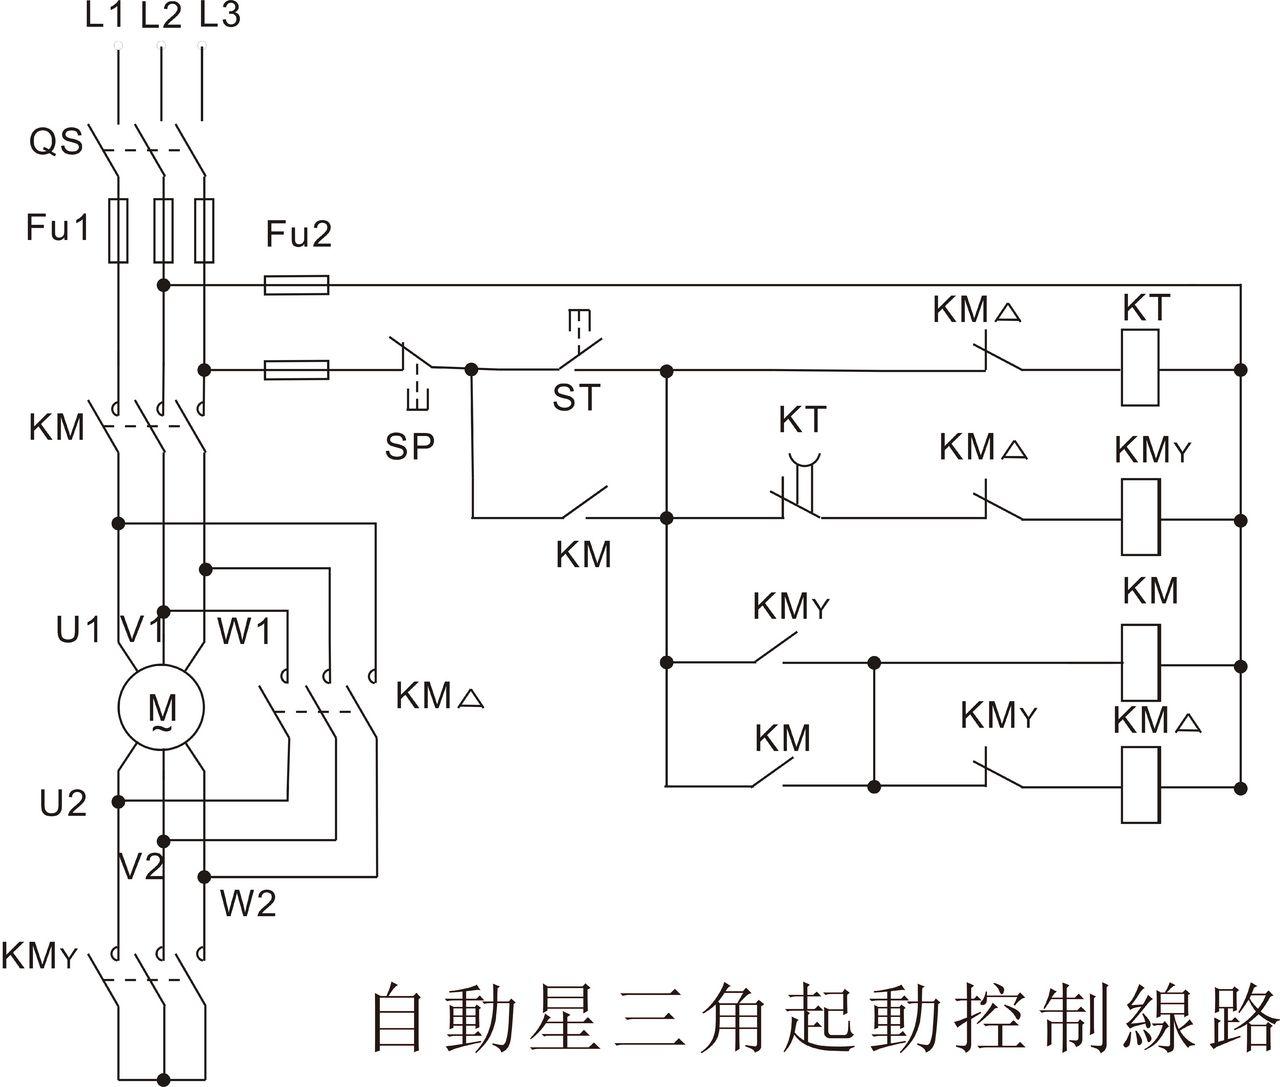 关于电工电路的标识,有图片